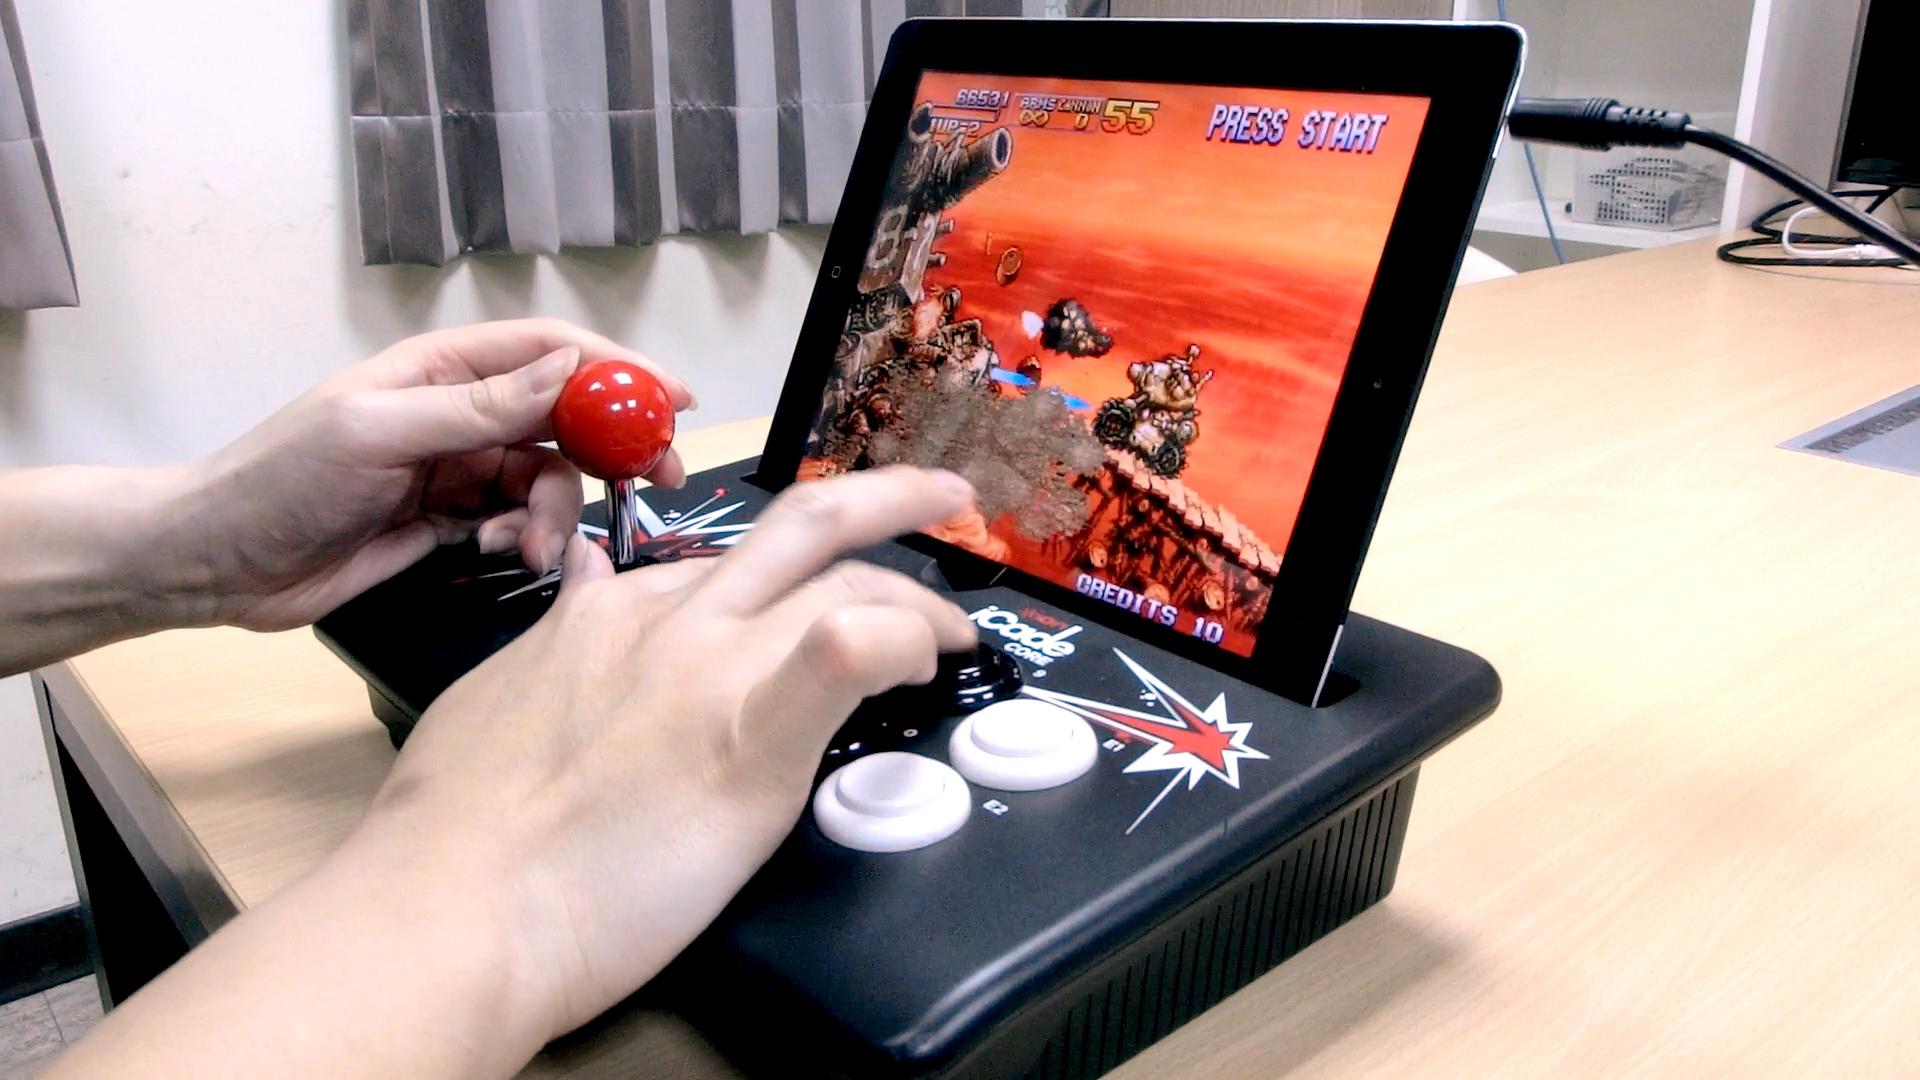 來用iPad+街機搖桿iCade玩模擬器遊戲吧!